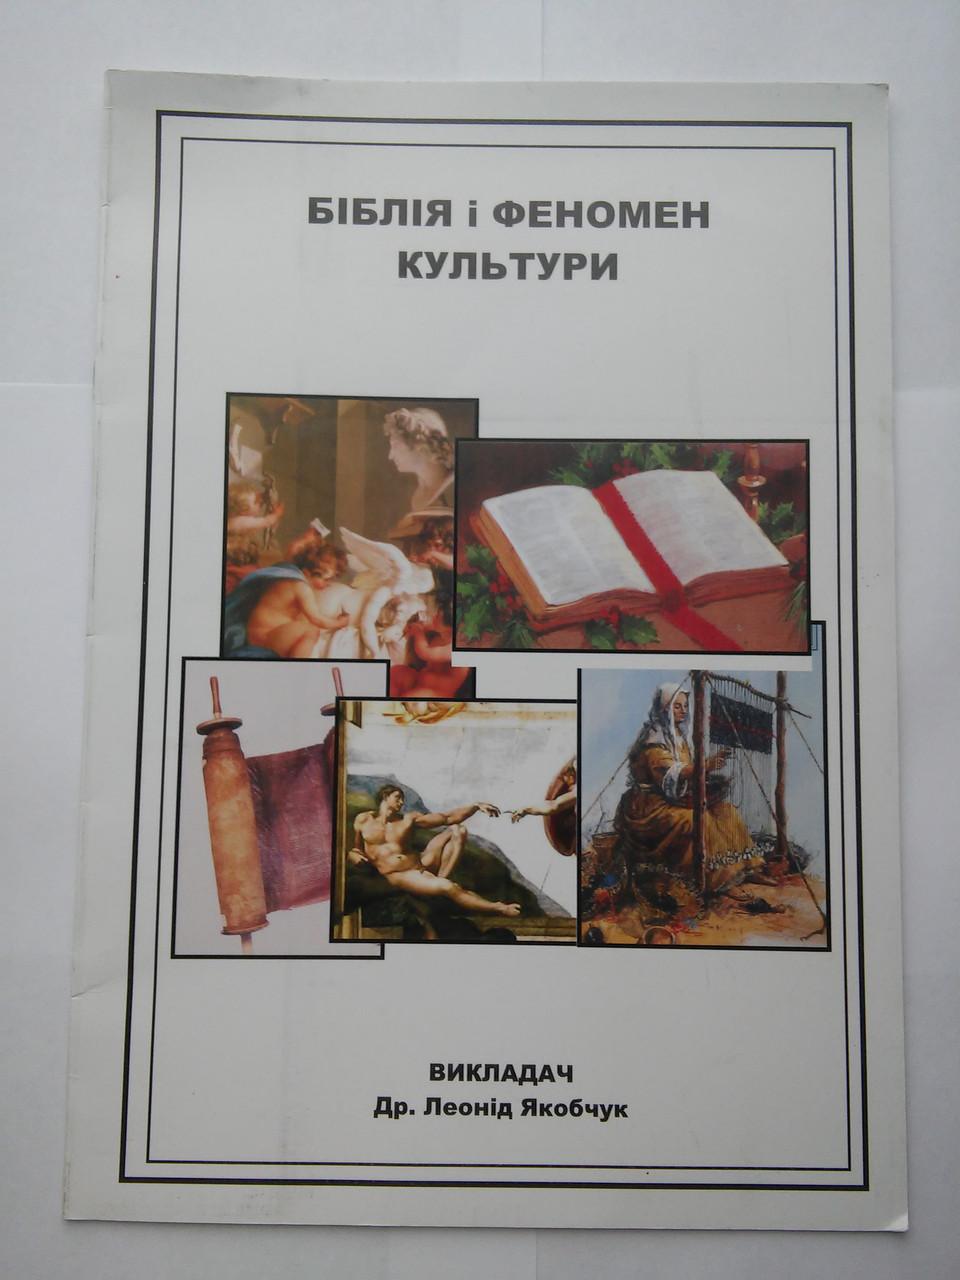 Біблія і феномен культури Леонид Якобчук